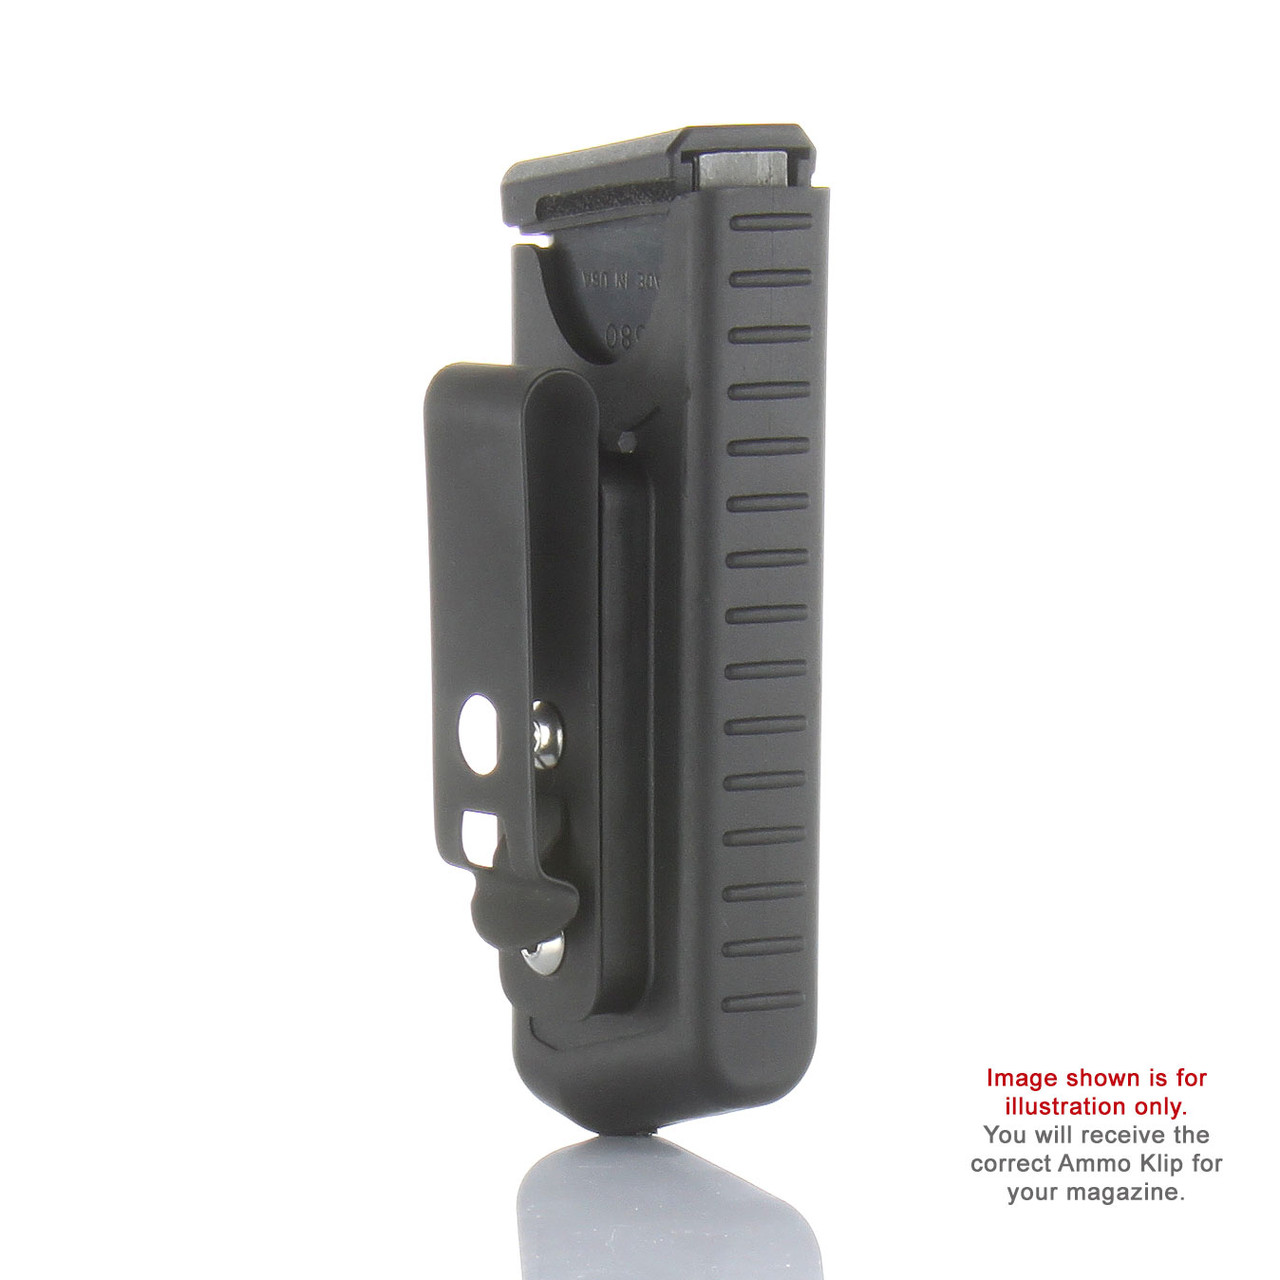 AA-108: Ammo Klip